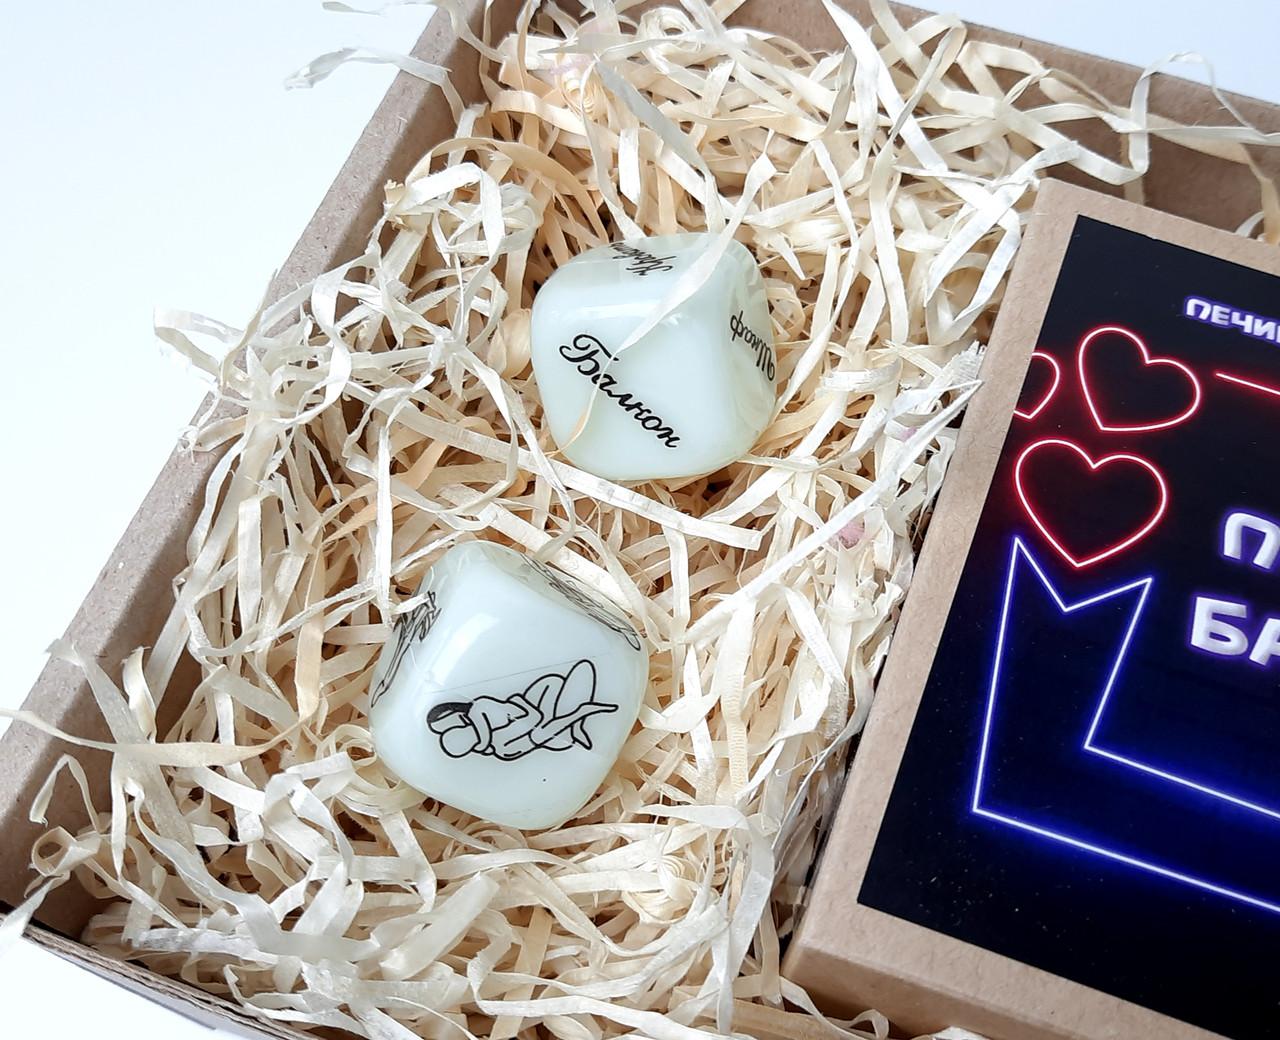 """Набор-игра """"Поиграем?"""": печенье с сексуальными заданиями для двоих и игральные кости с позами любви - фото 5"""